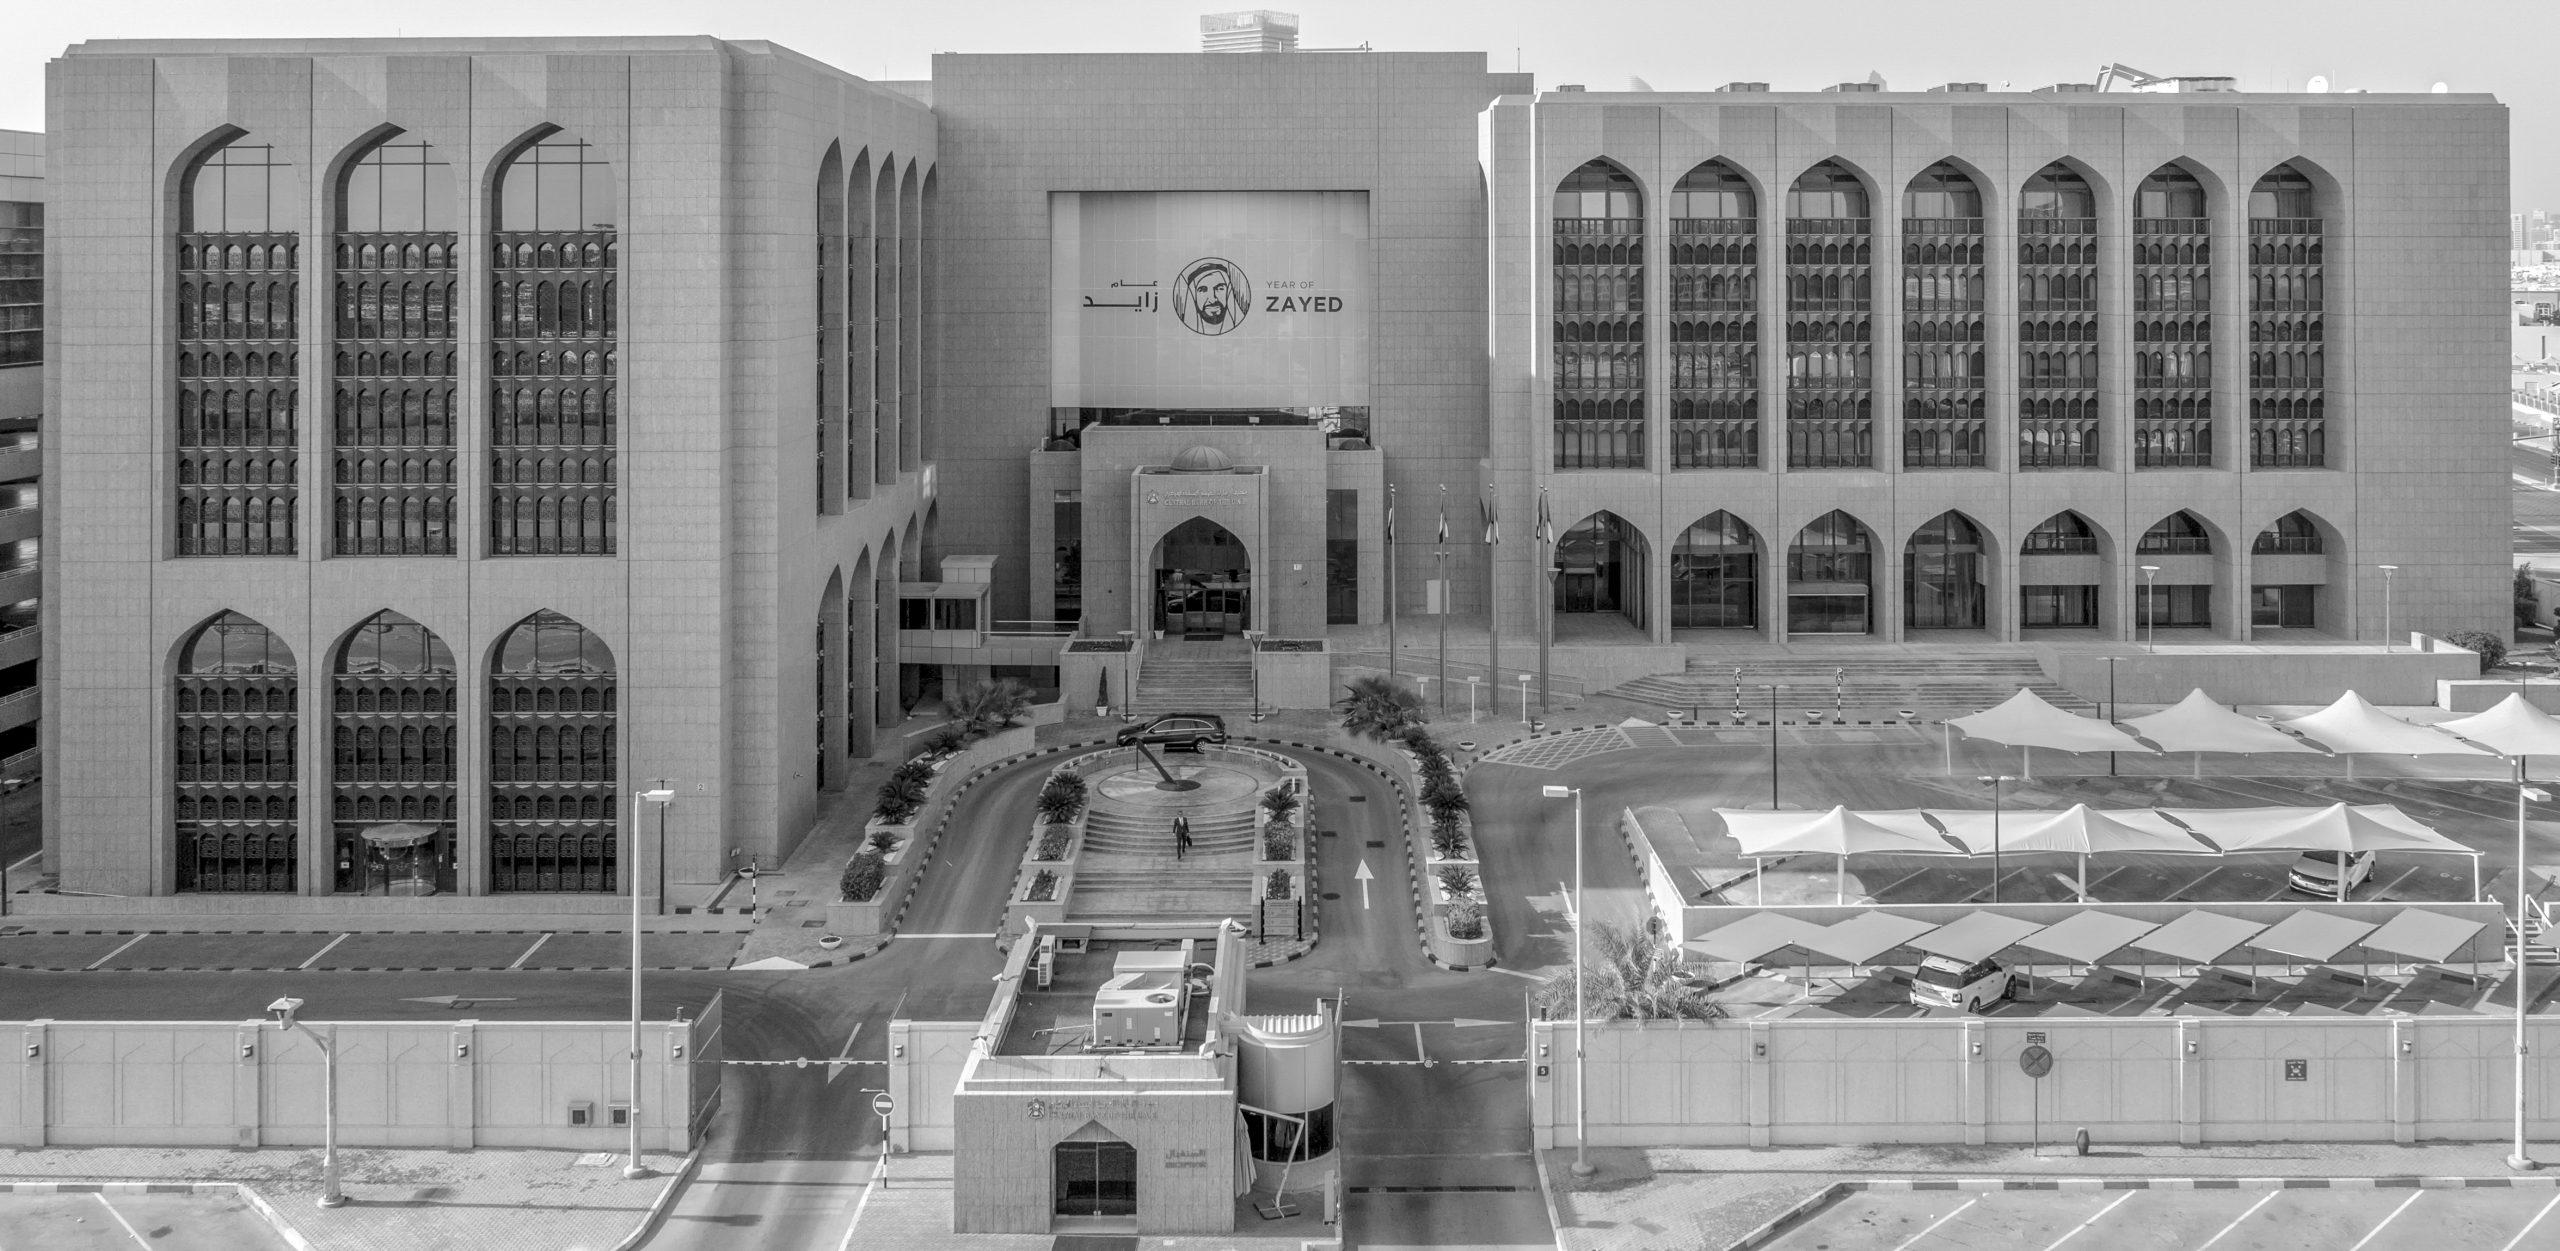 مصرف الإمارات العربية المتحدة المركزي يصادق على شركة أجنبية للتداول على العملات الرقمية تحت ضغط عملاء ووكلاء إماراتين